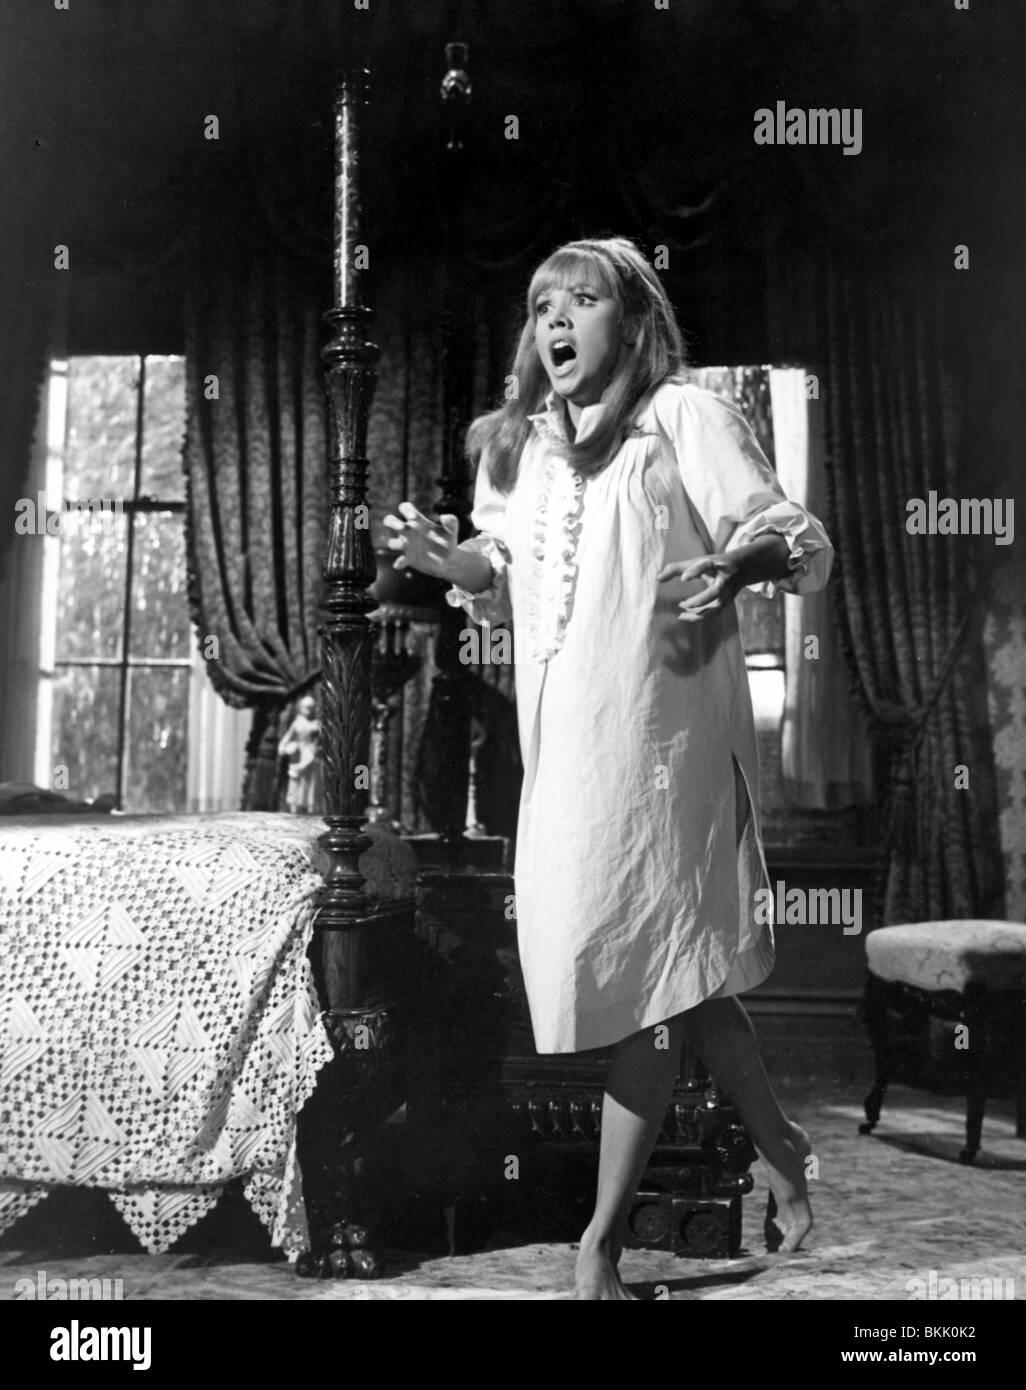 TICKLE ME -1965 Julie Adams Imagen De Stock